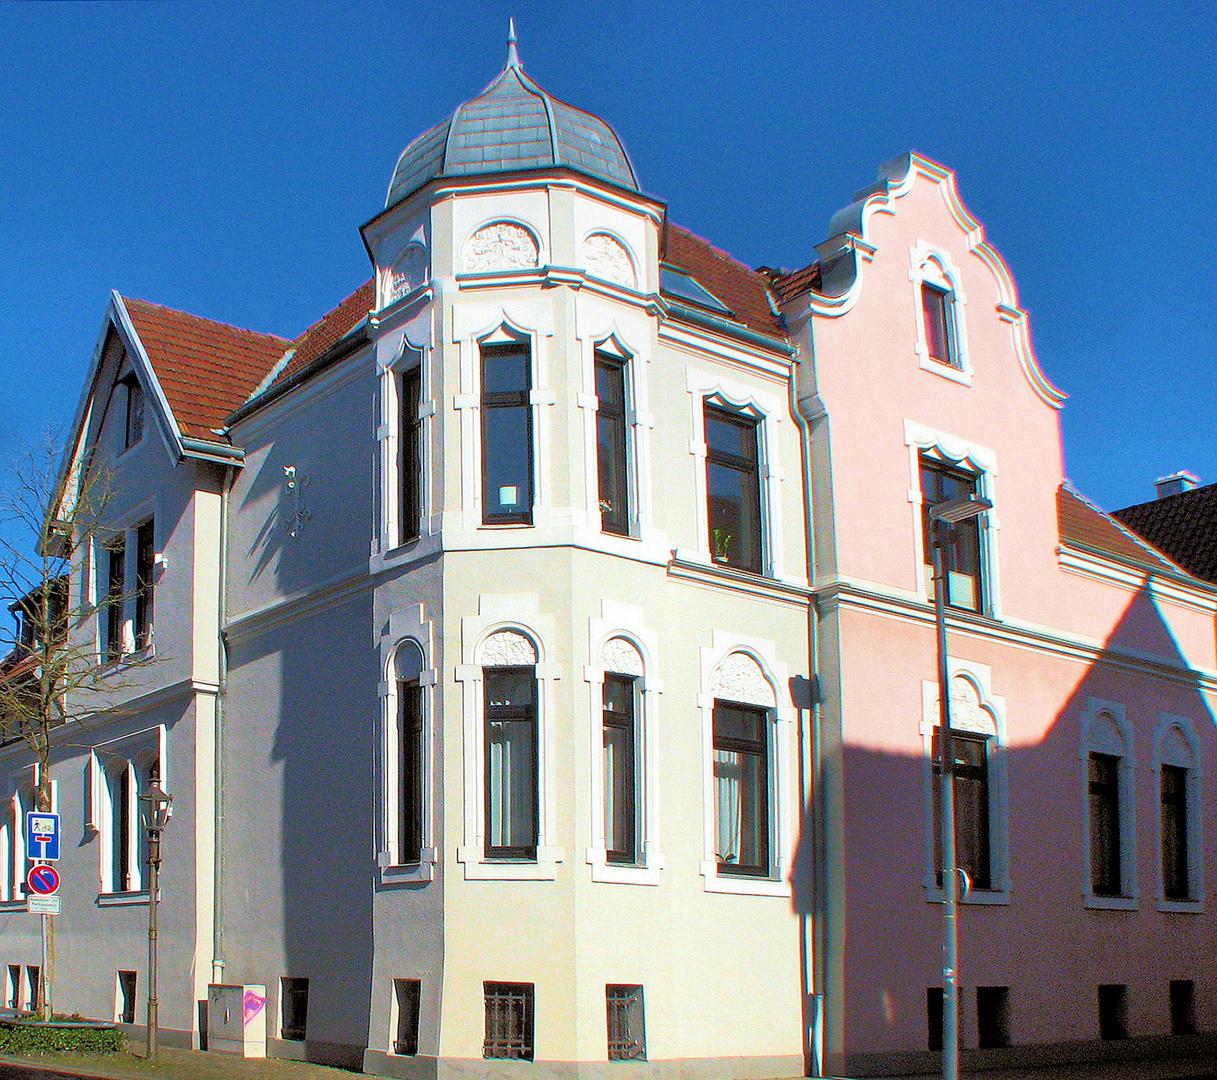 Soestsr. in Lippstadt